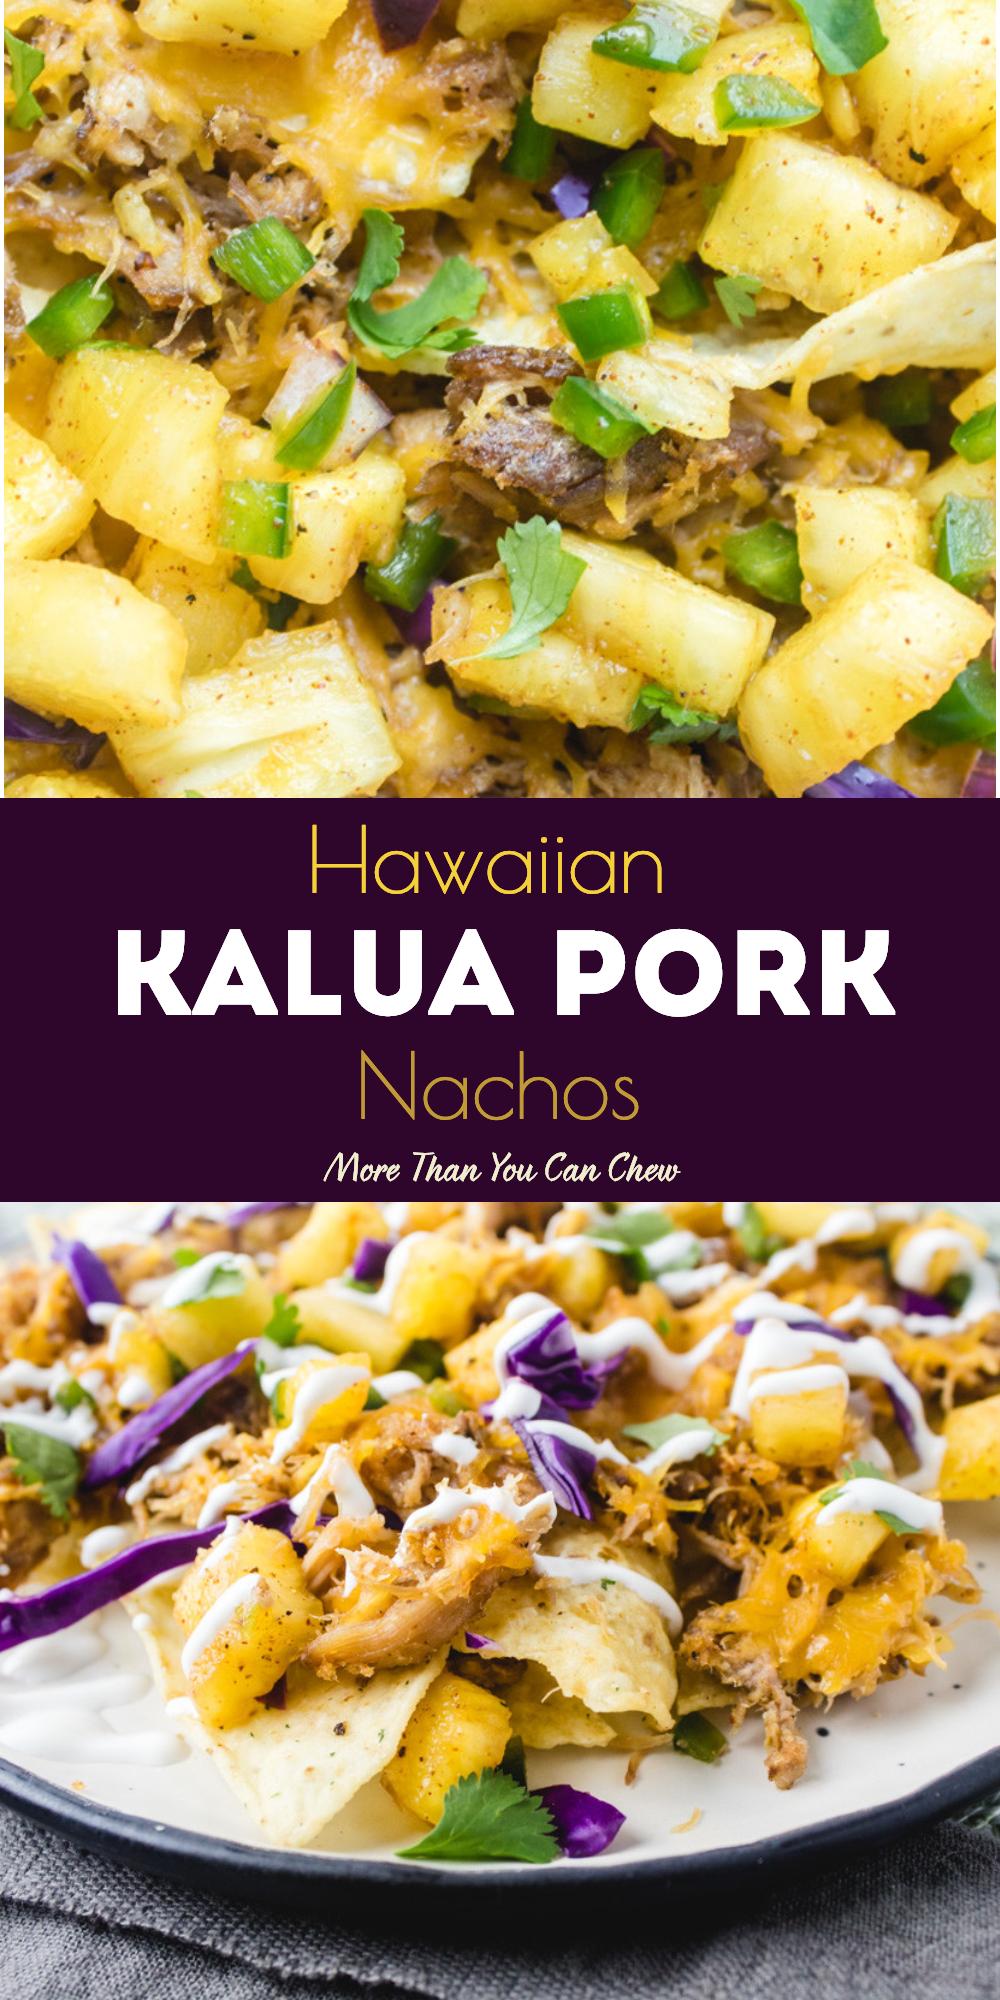 Pulled Kalua Pork Nachos